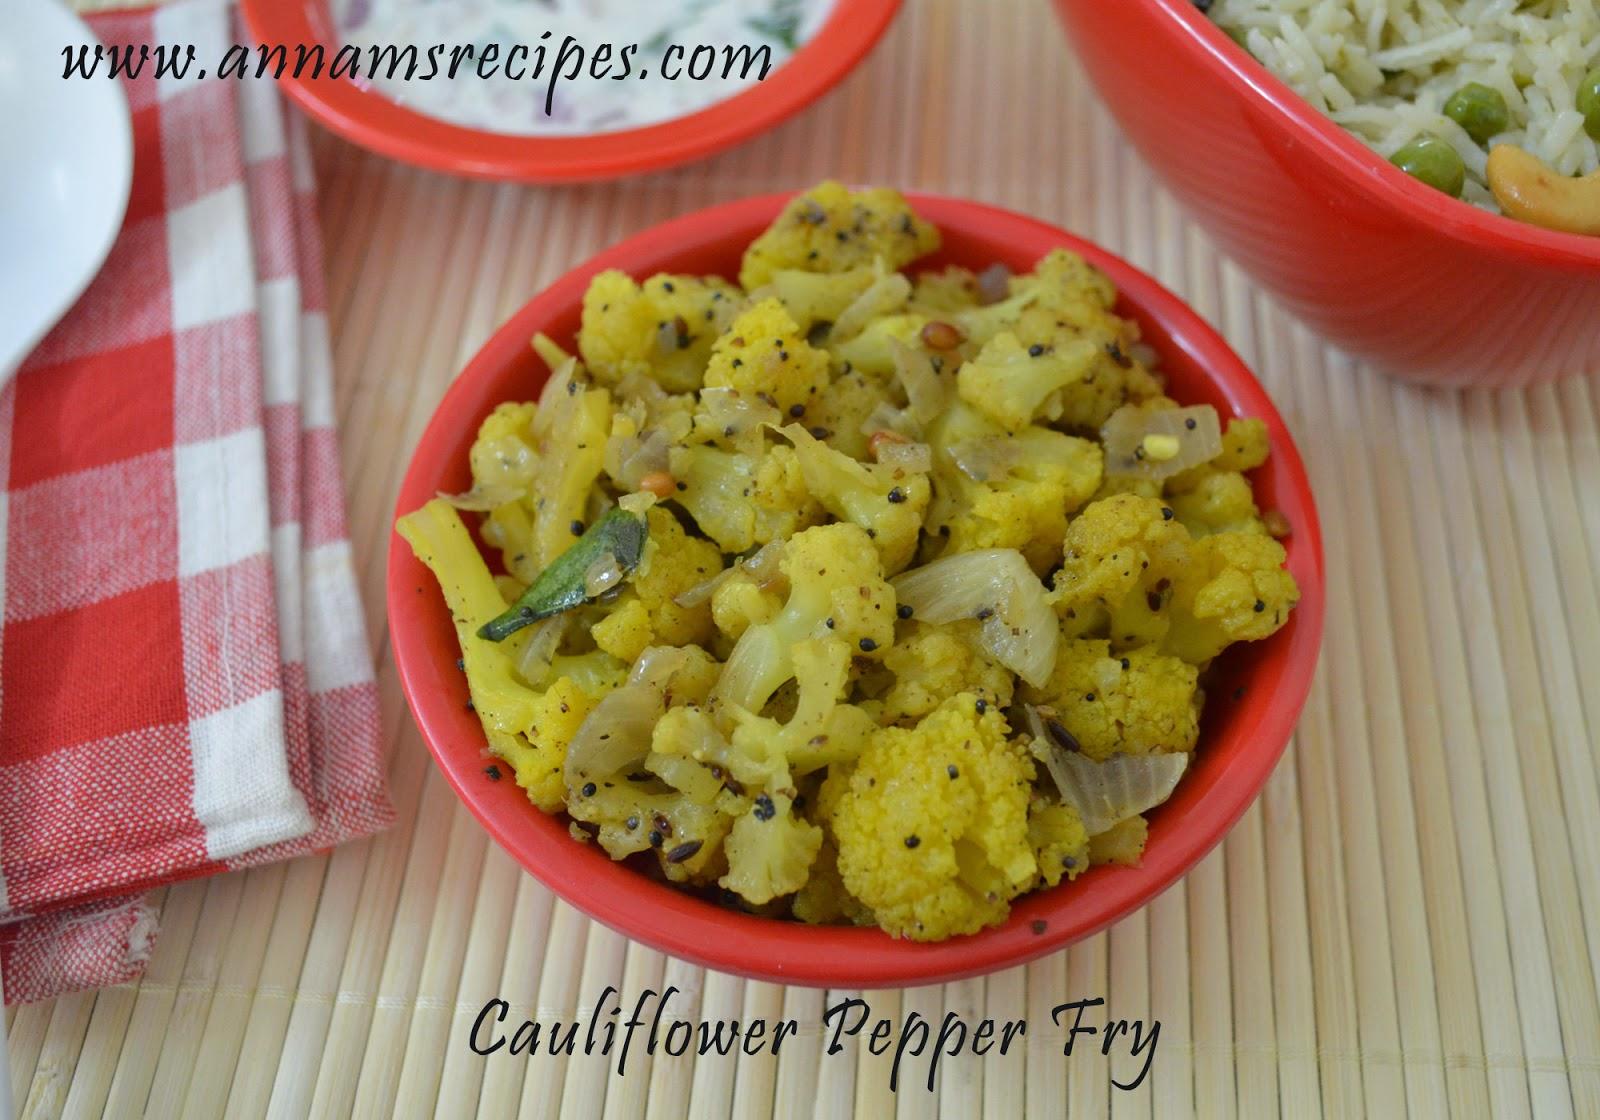 Cauliflower Pepper Fry (Chettinad)